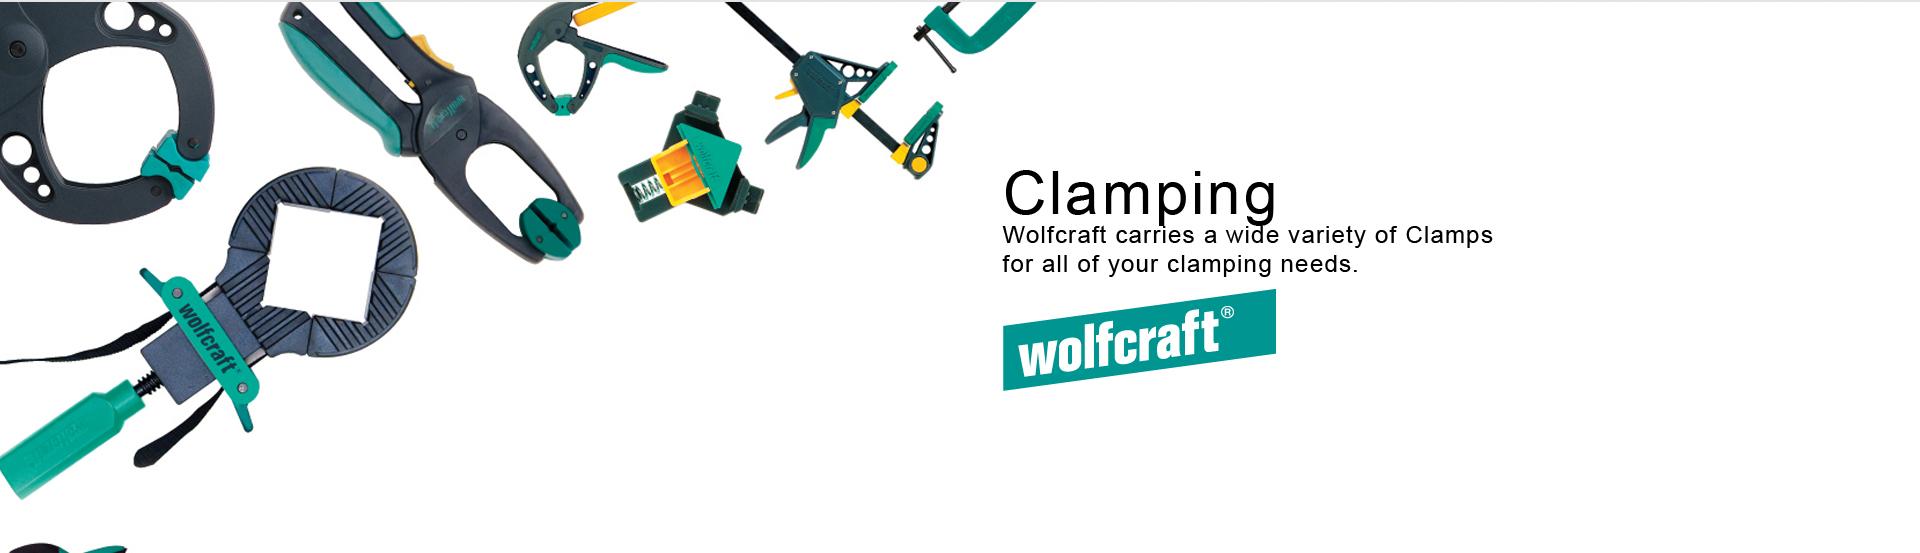 wolfcraft-slider